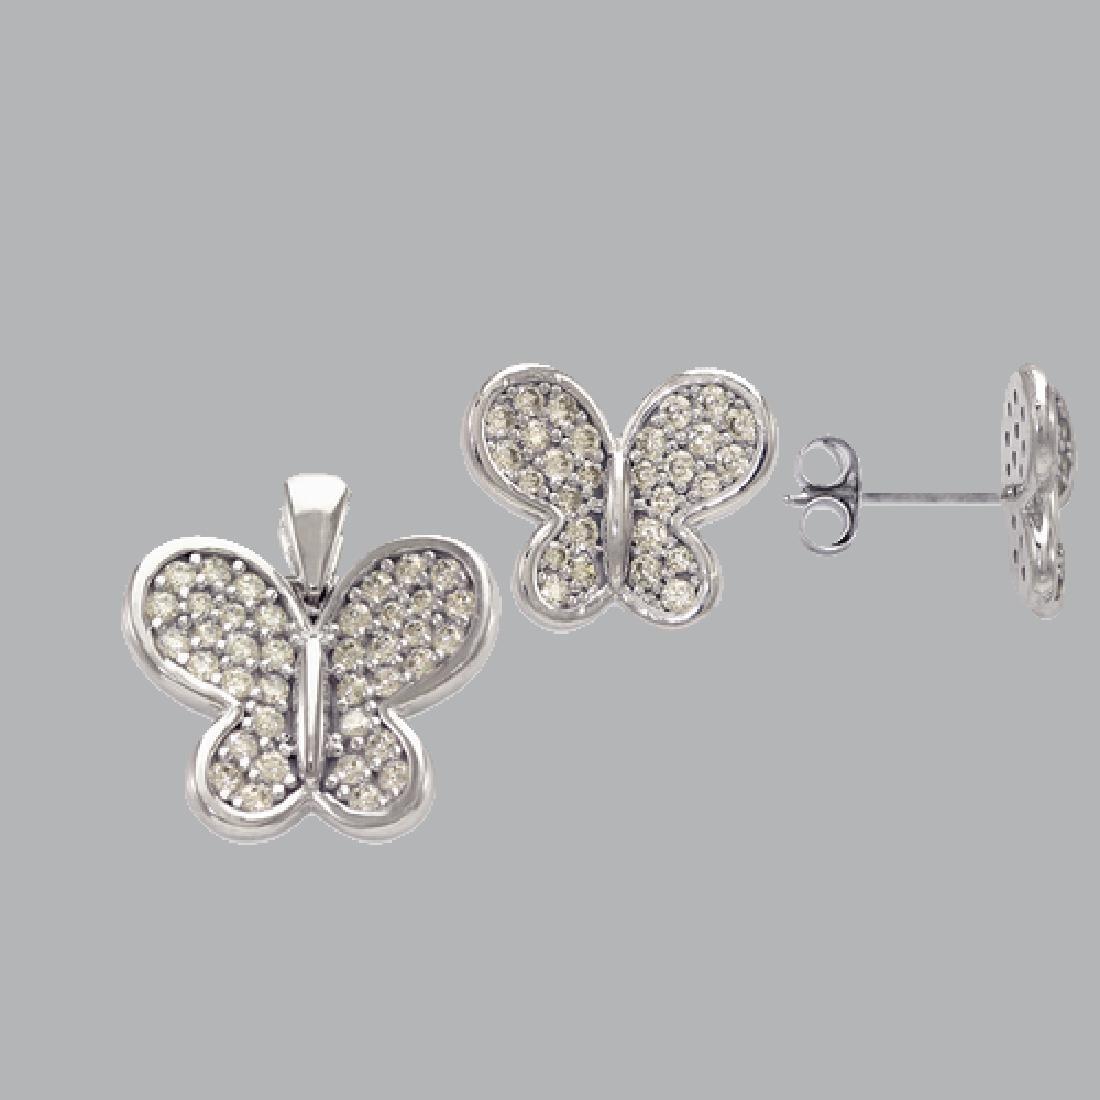 NEW 14K WHITE GOLD BUTTERFLY EARRING PENDANT SET - 2